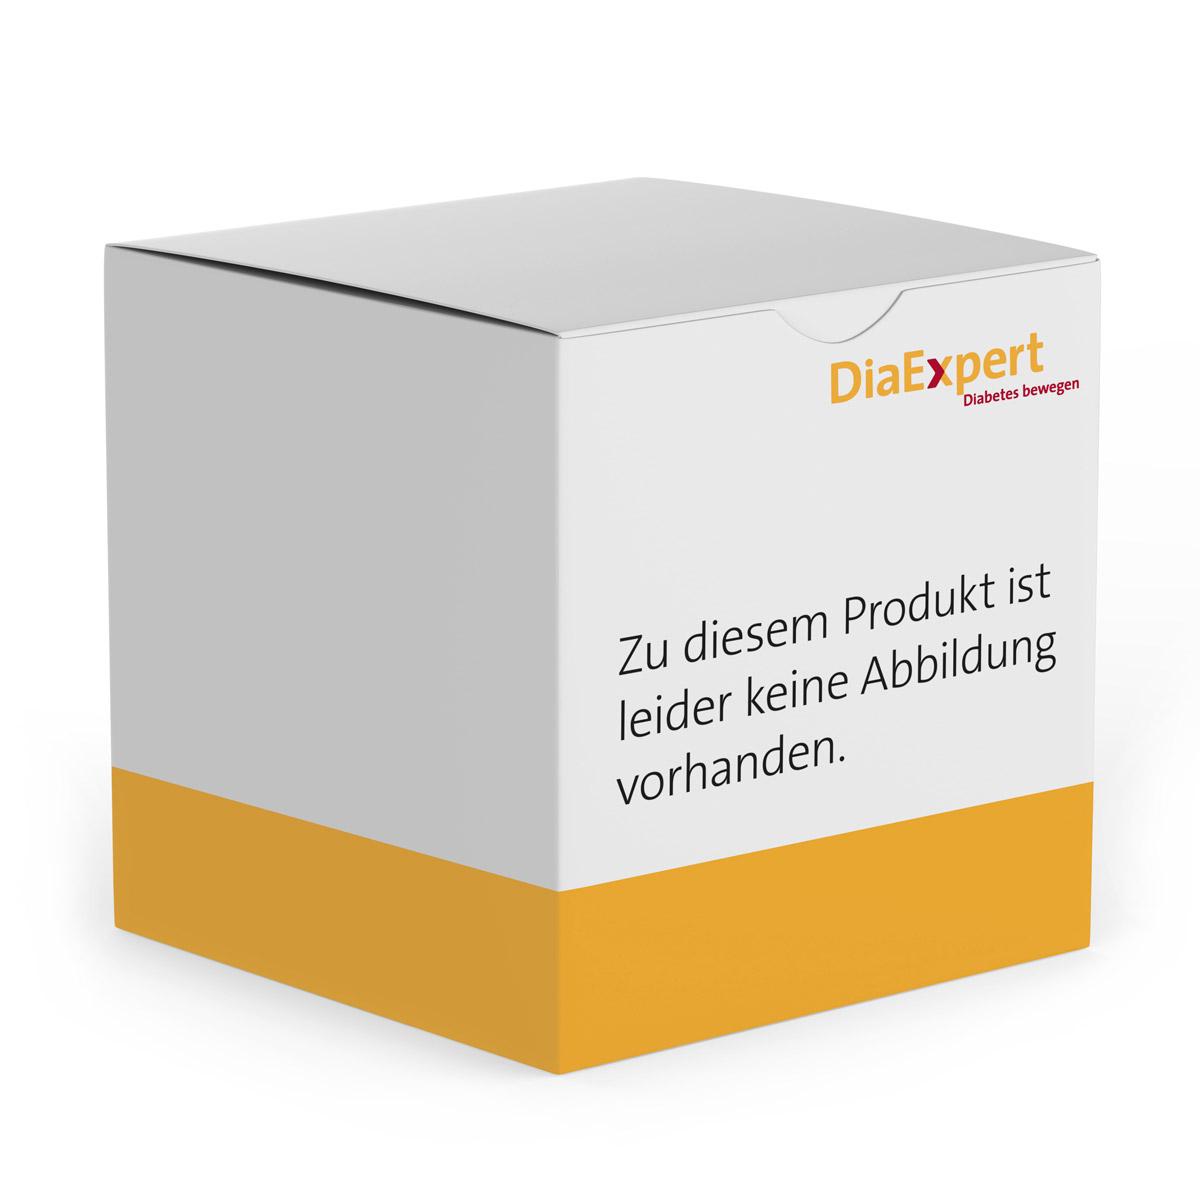 Medtrum A6 TouchCare Glucosesensoren